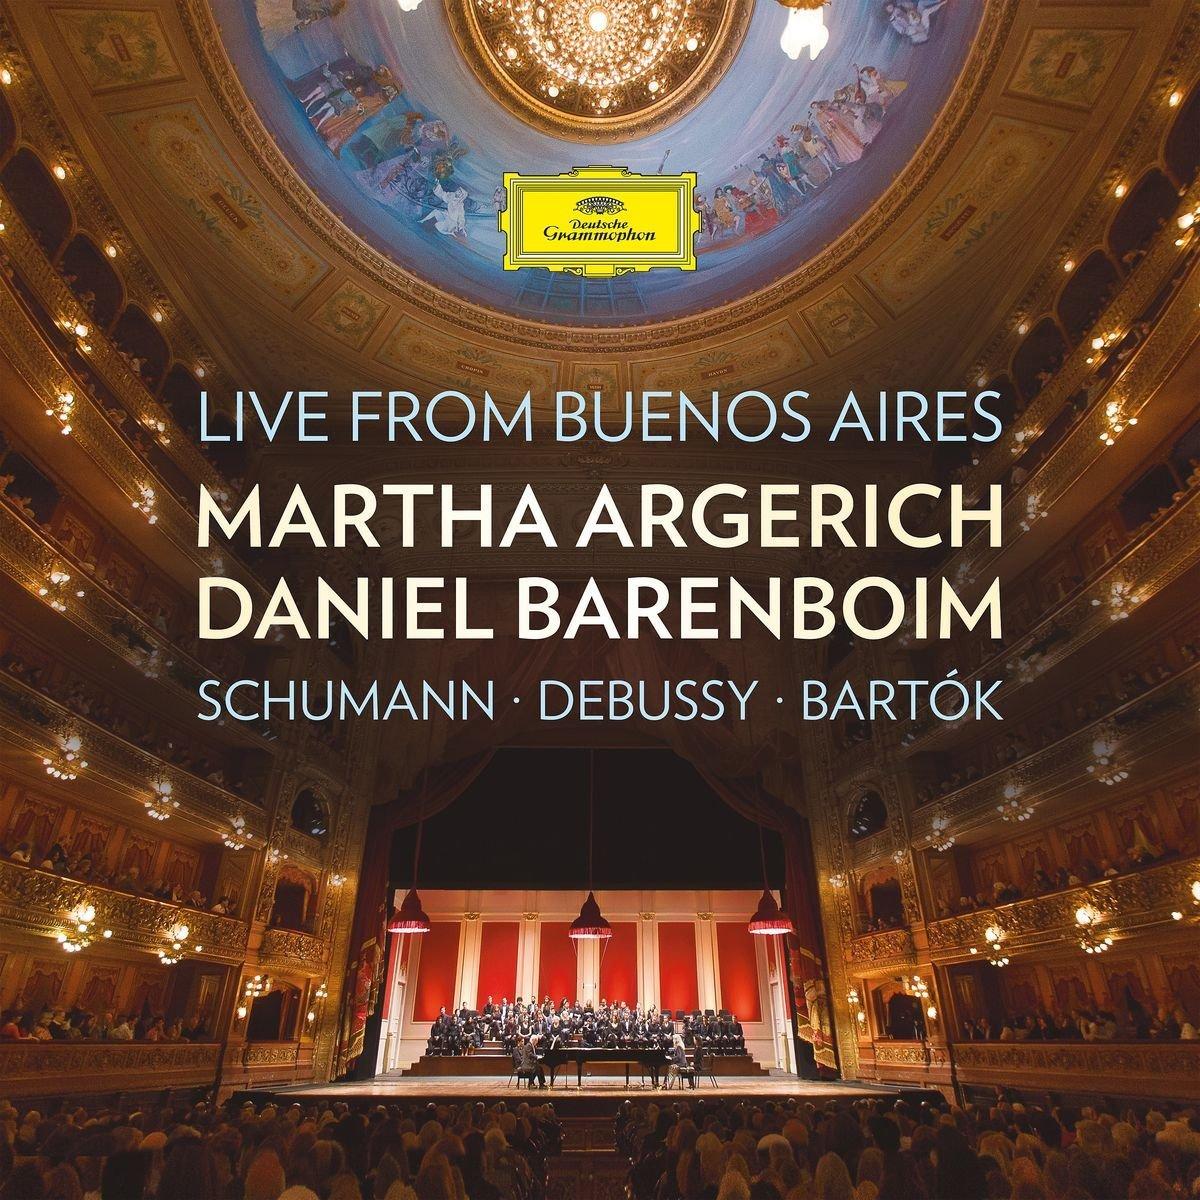 Live from Buenos Aires (Schumann; Debussy; Barktok) by Deutsche Grammophon